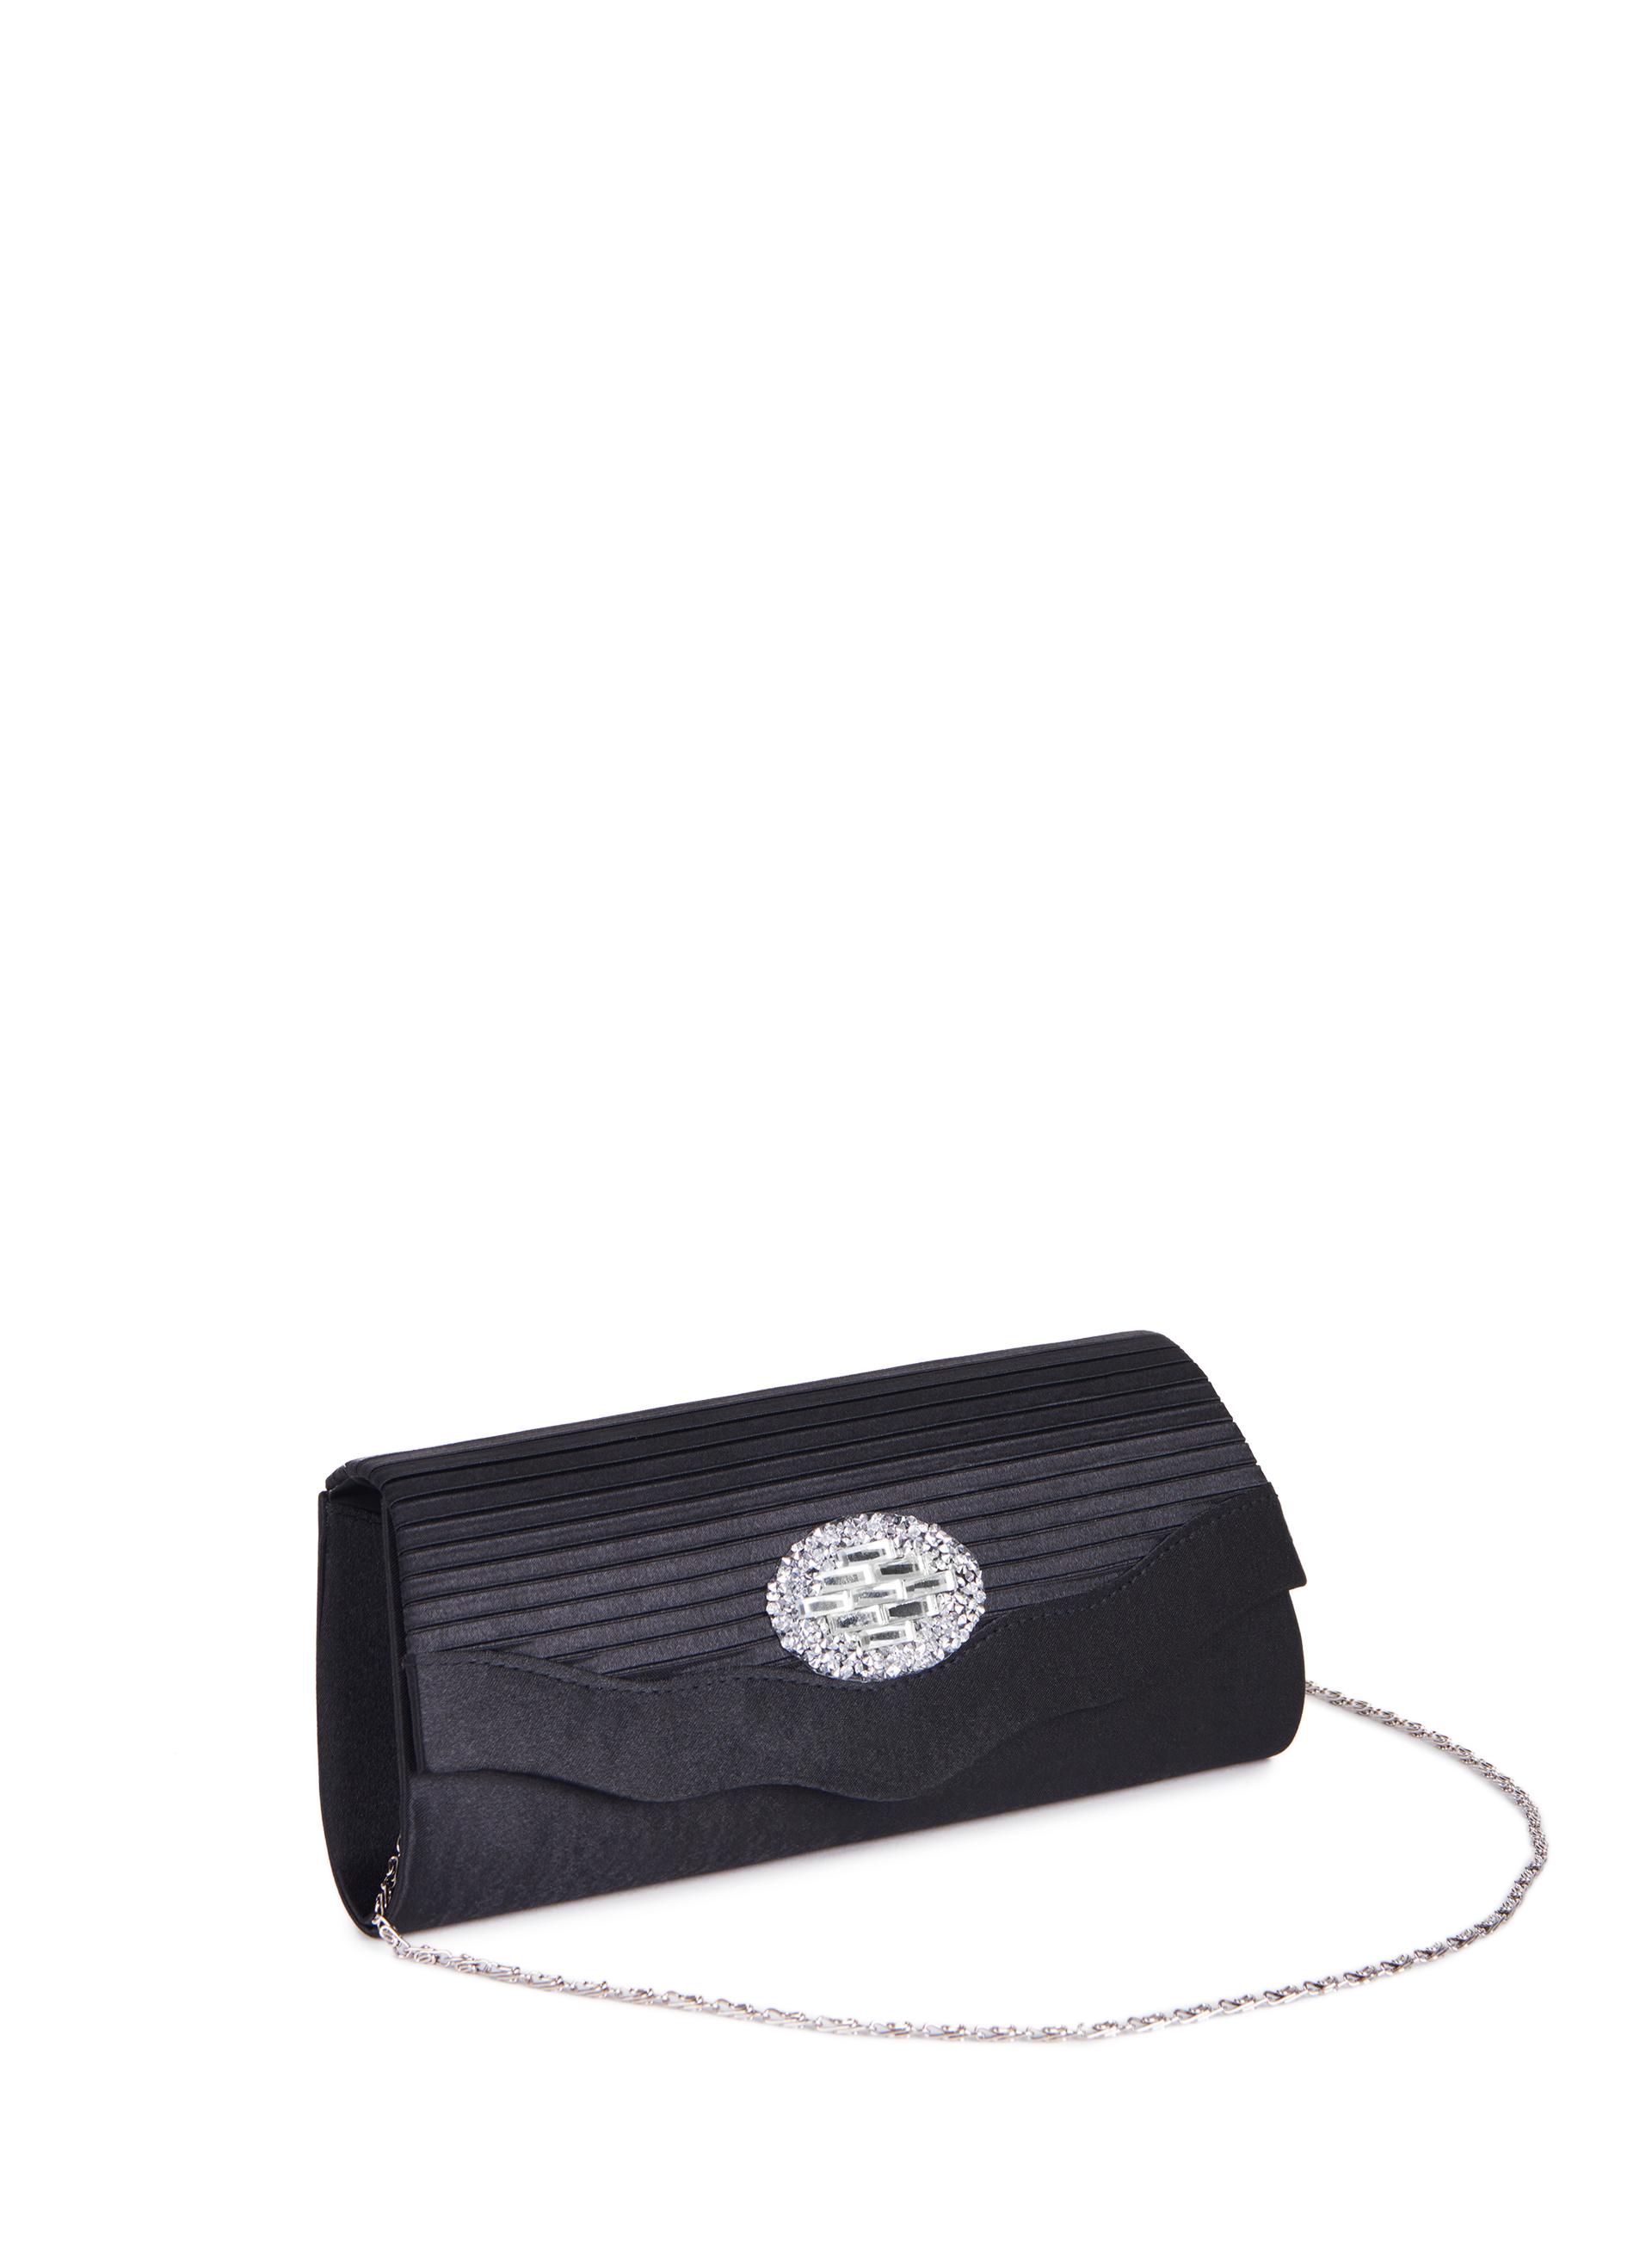 pochette de soir e satin e avec bijoux d coratifs livraison gratuite melanie lyne. Black Bedroom Furniture Sets. Home Design Ideas